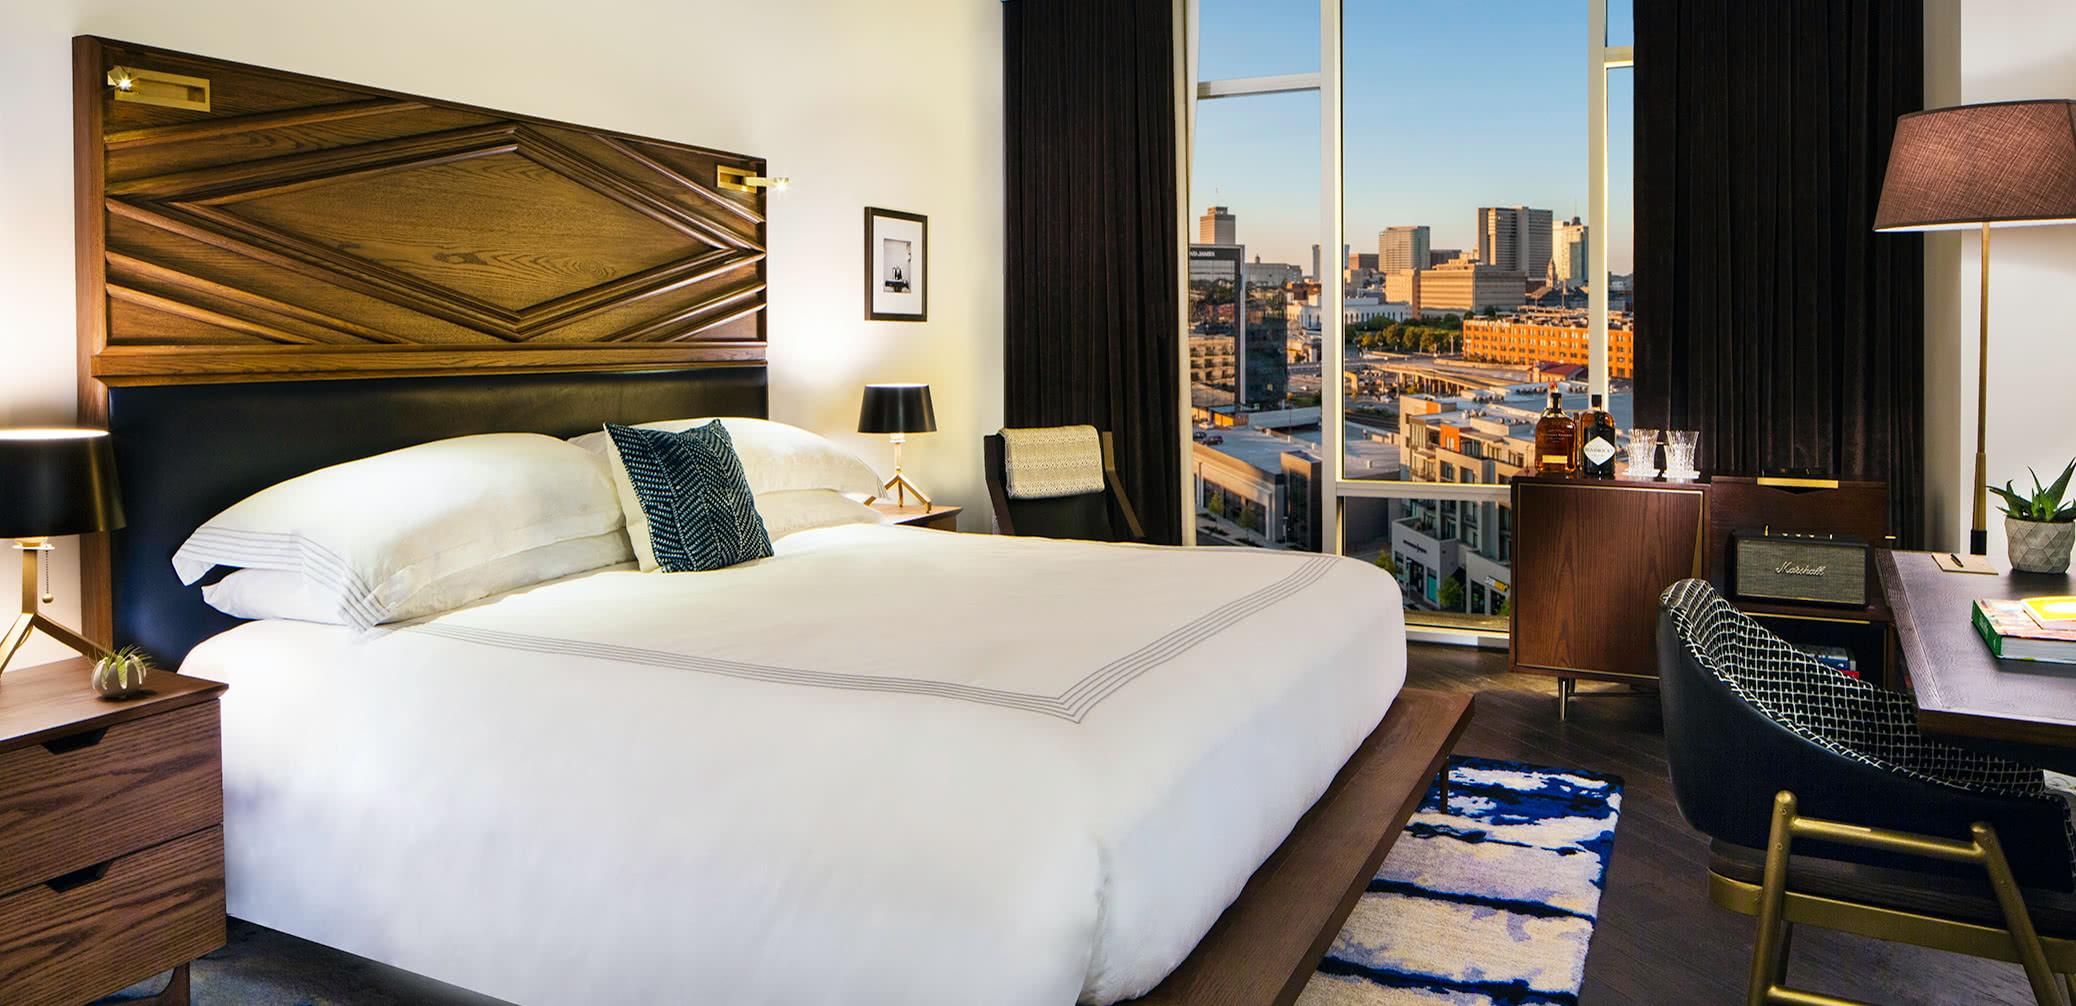 10 Best Luxury Hotels In Nashville